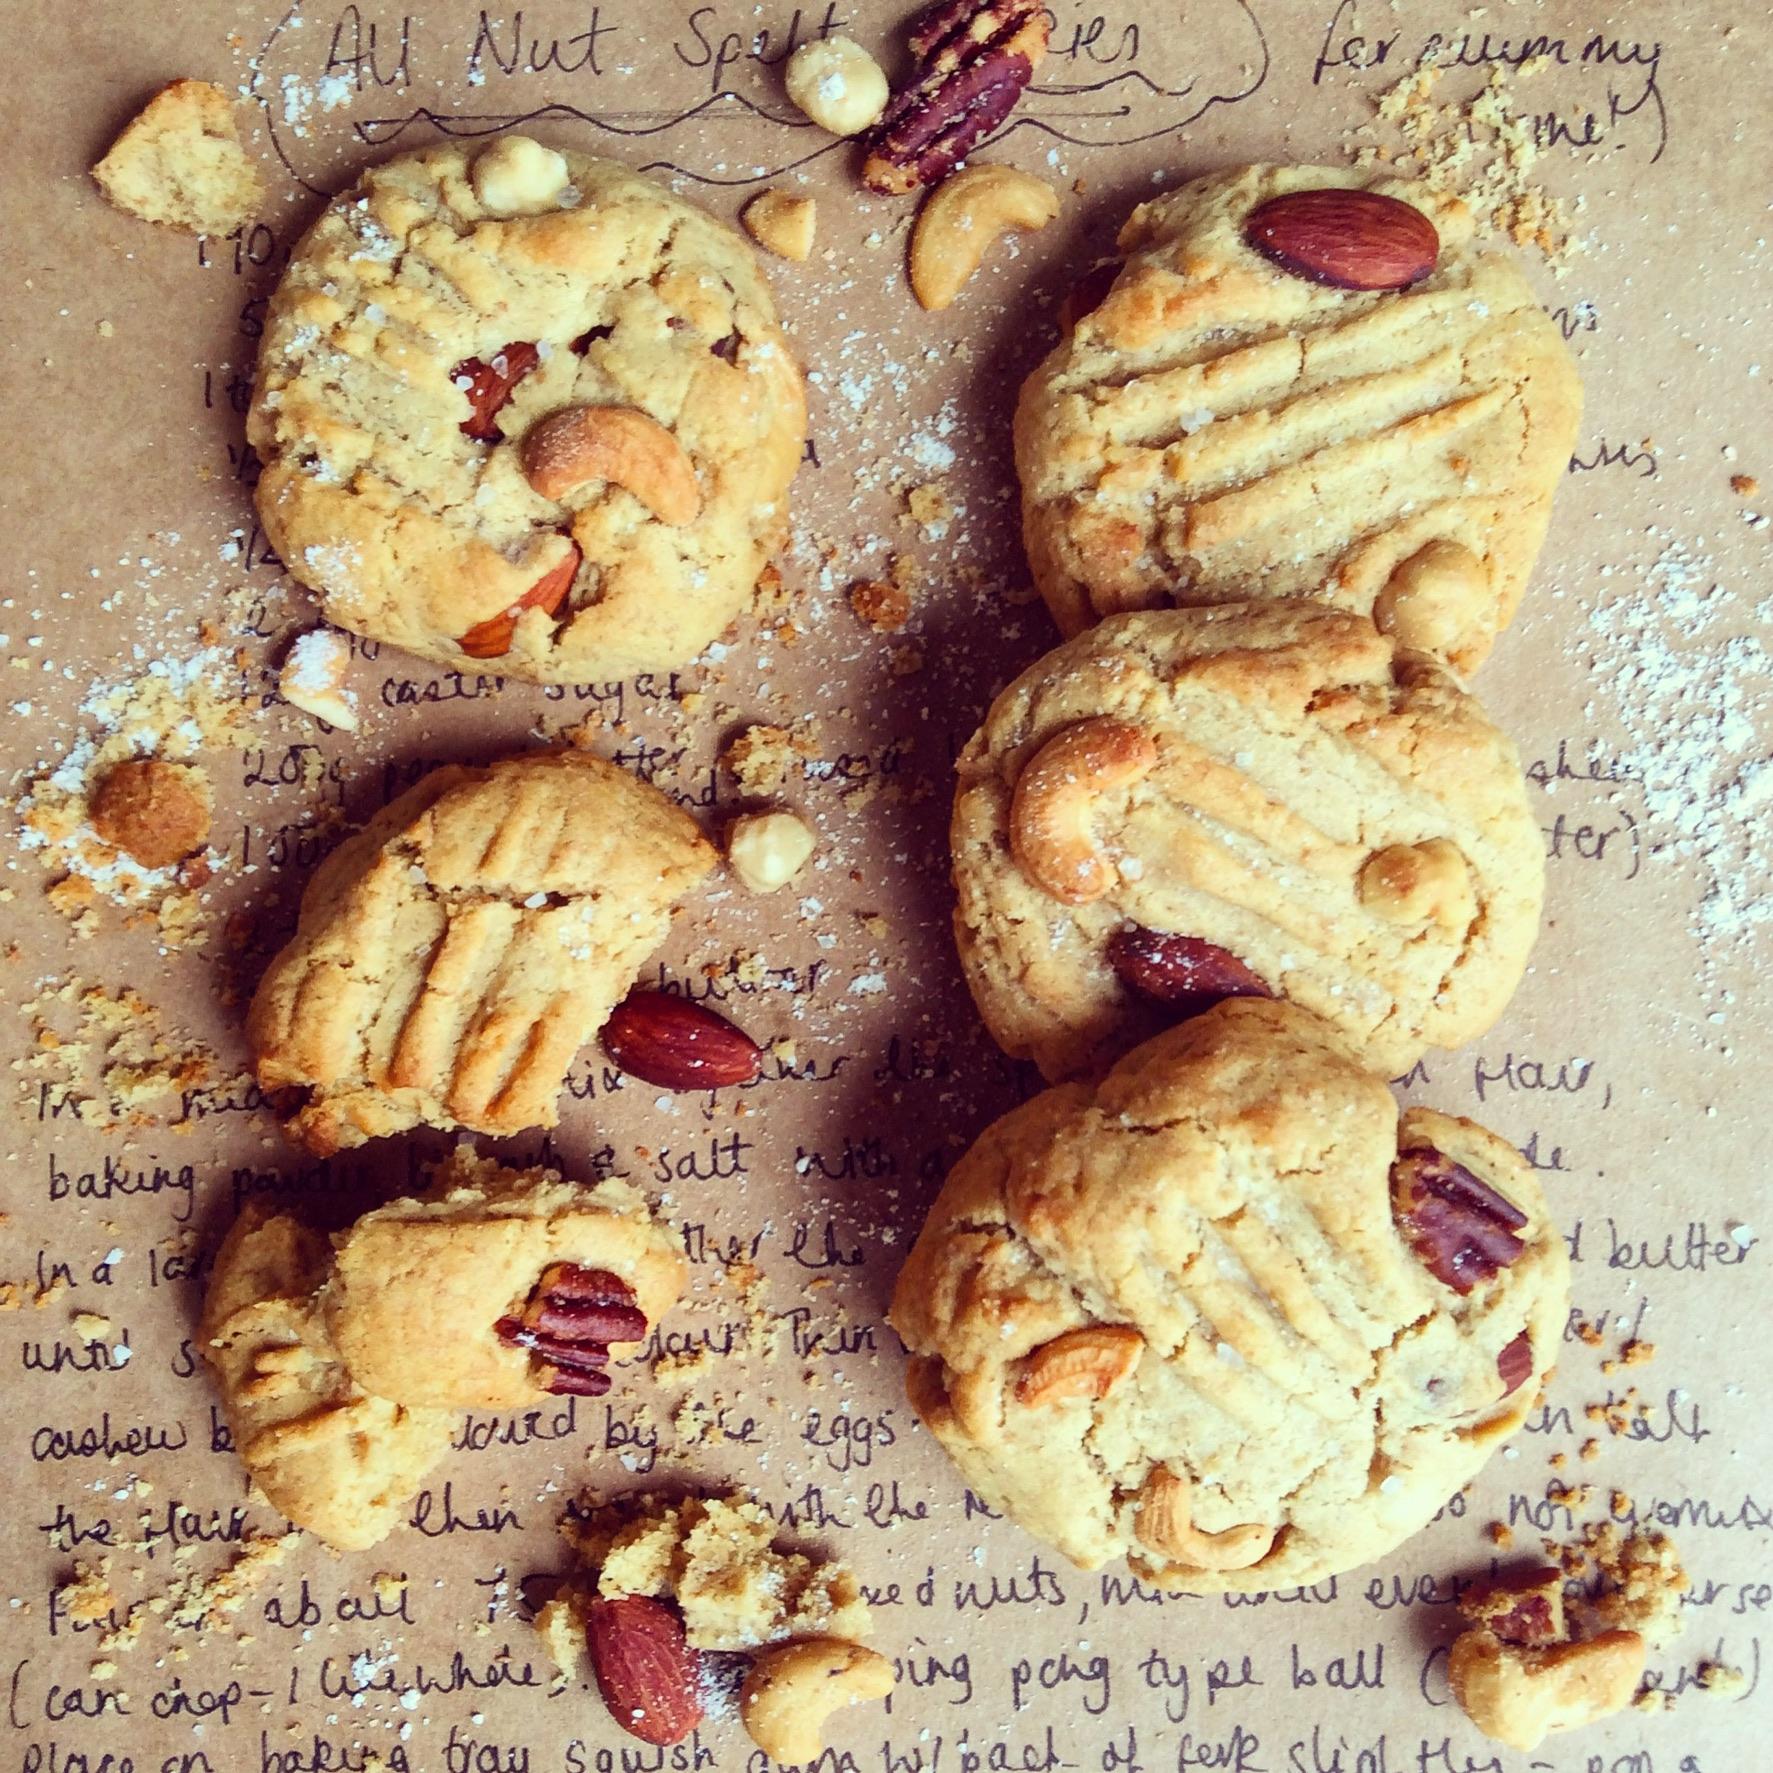 All Nut Spelt Cookies